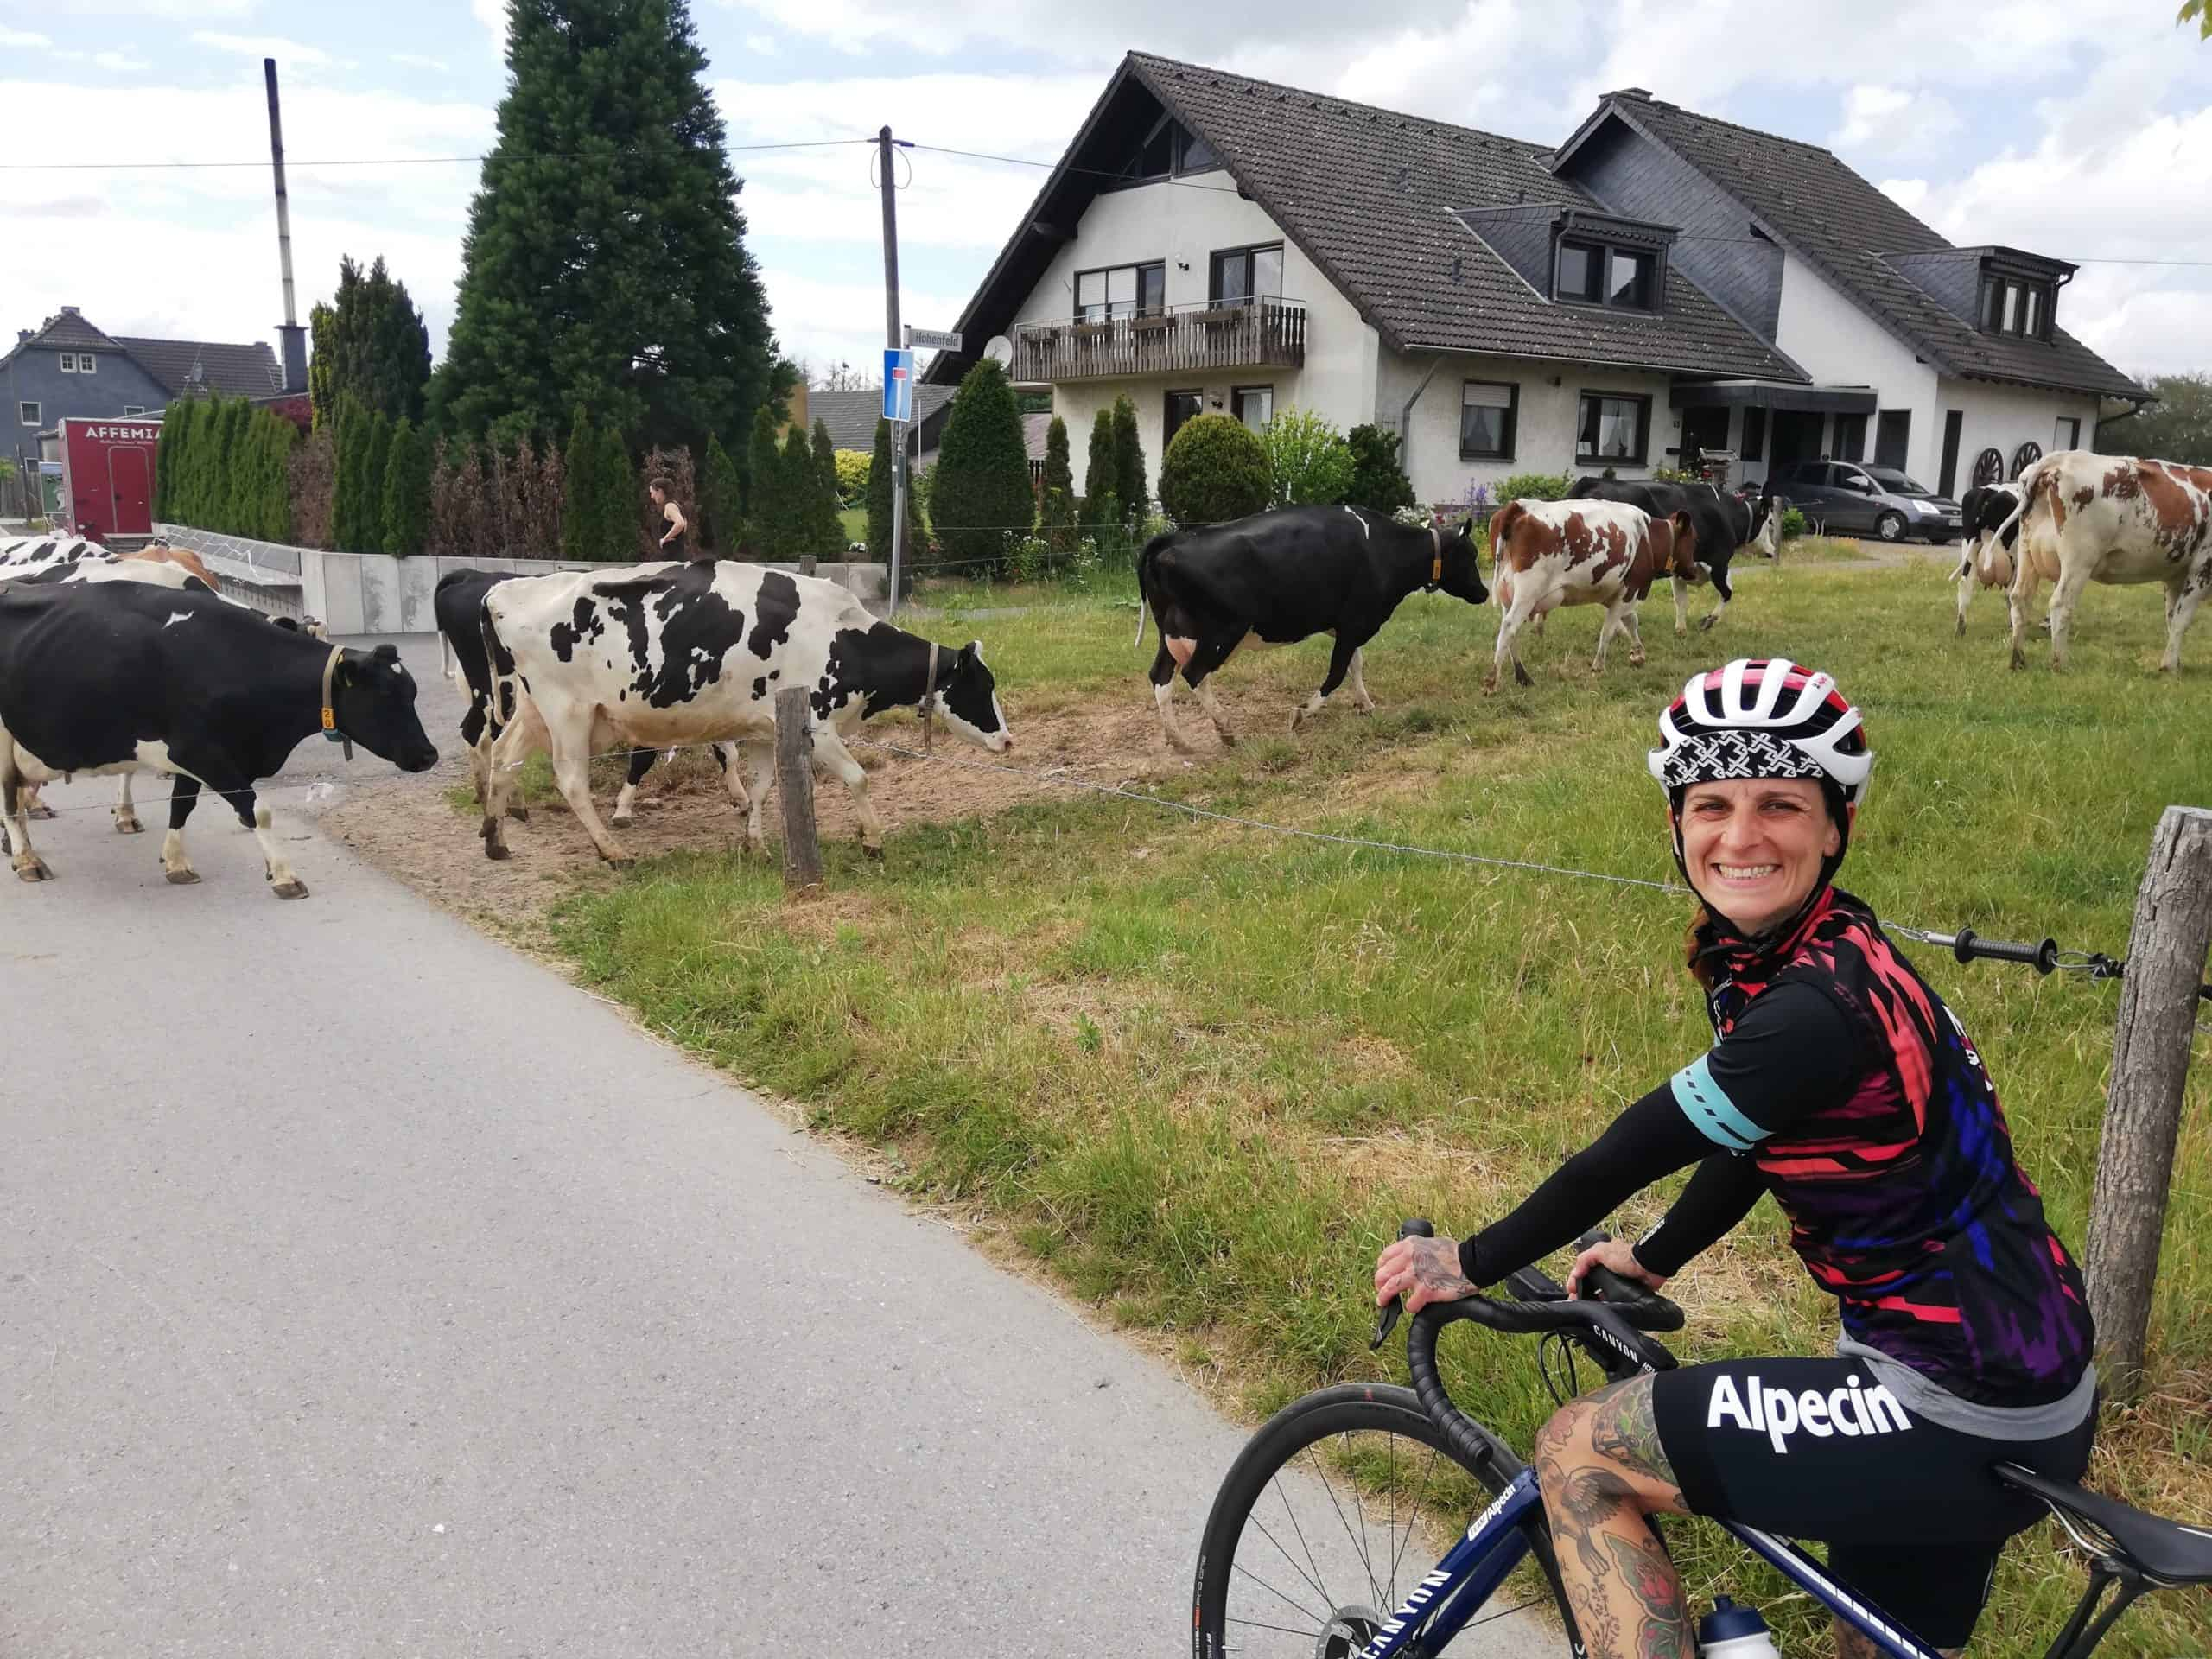 Valeska bei einem Fahrradausflug in einem Dort. Vor ihr stehen Kühe.